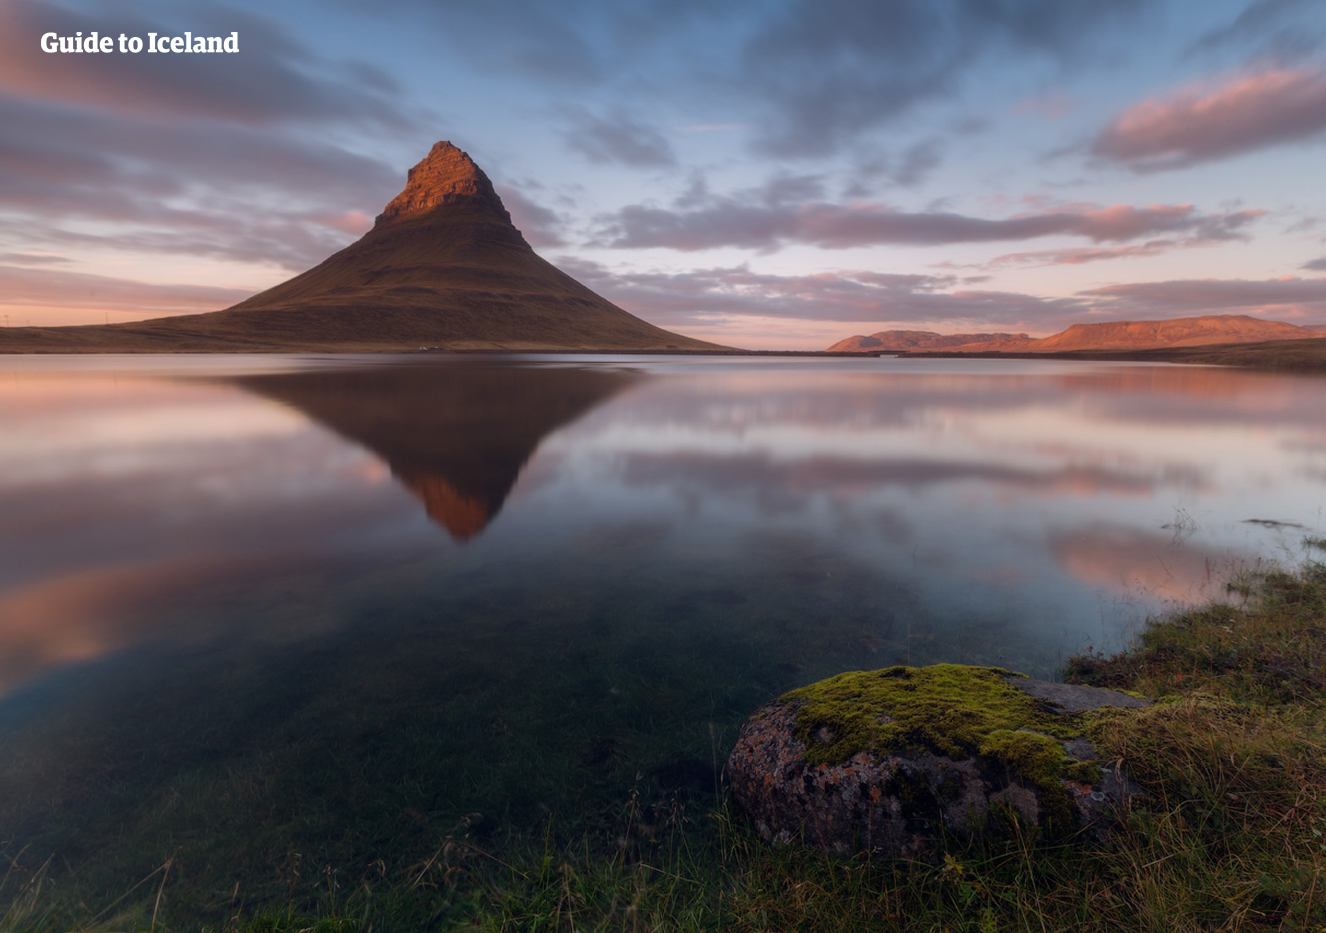 El Monte Kirkjufell reflejado en un lago durante una noche de verano en Islandia.